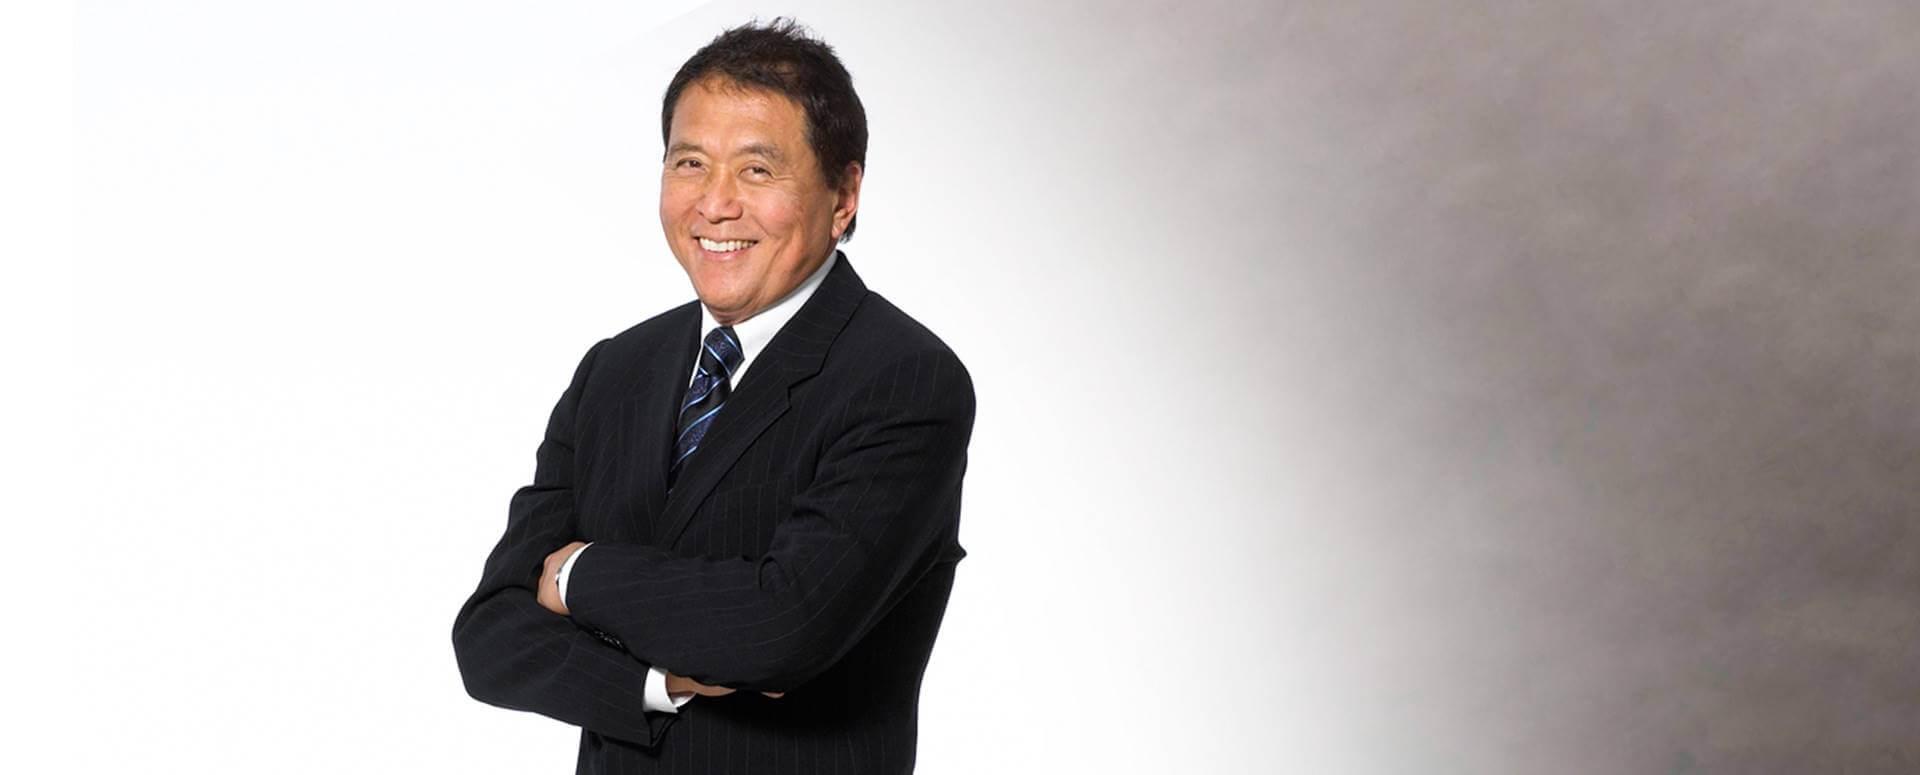 frases de robert kiyosaki para ser rico